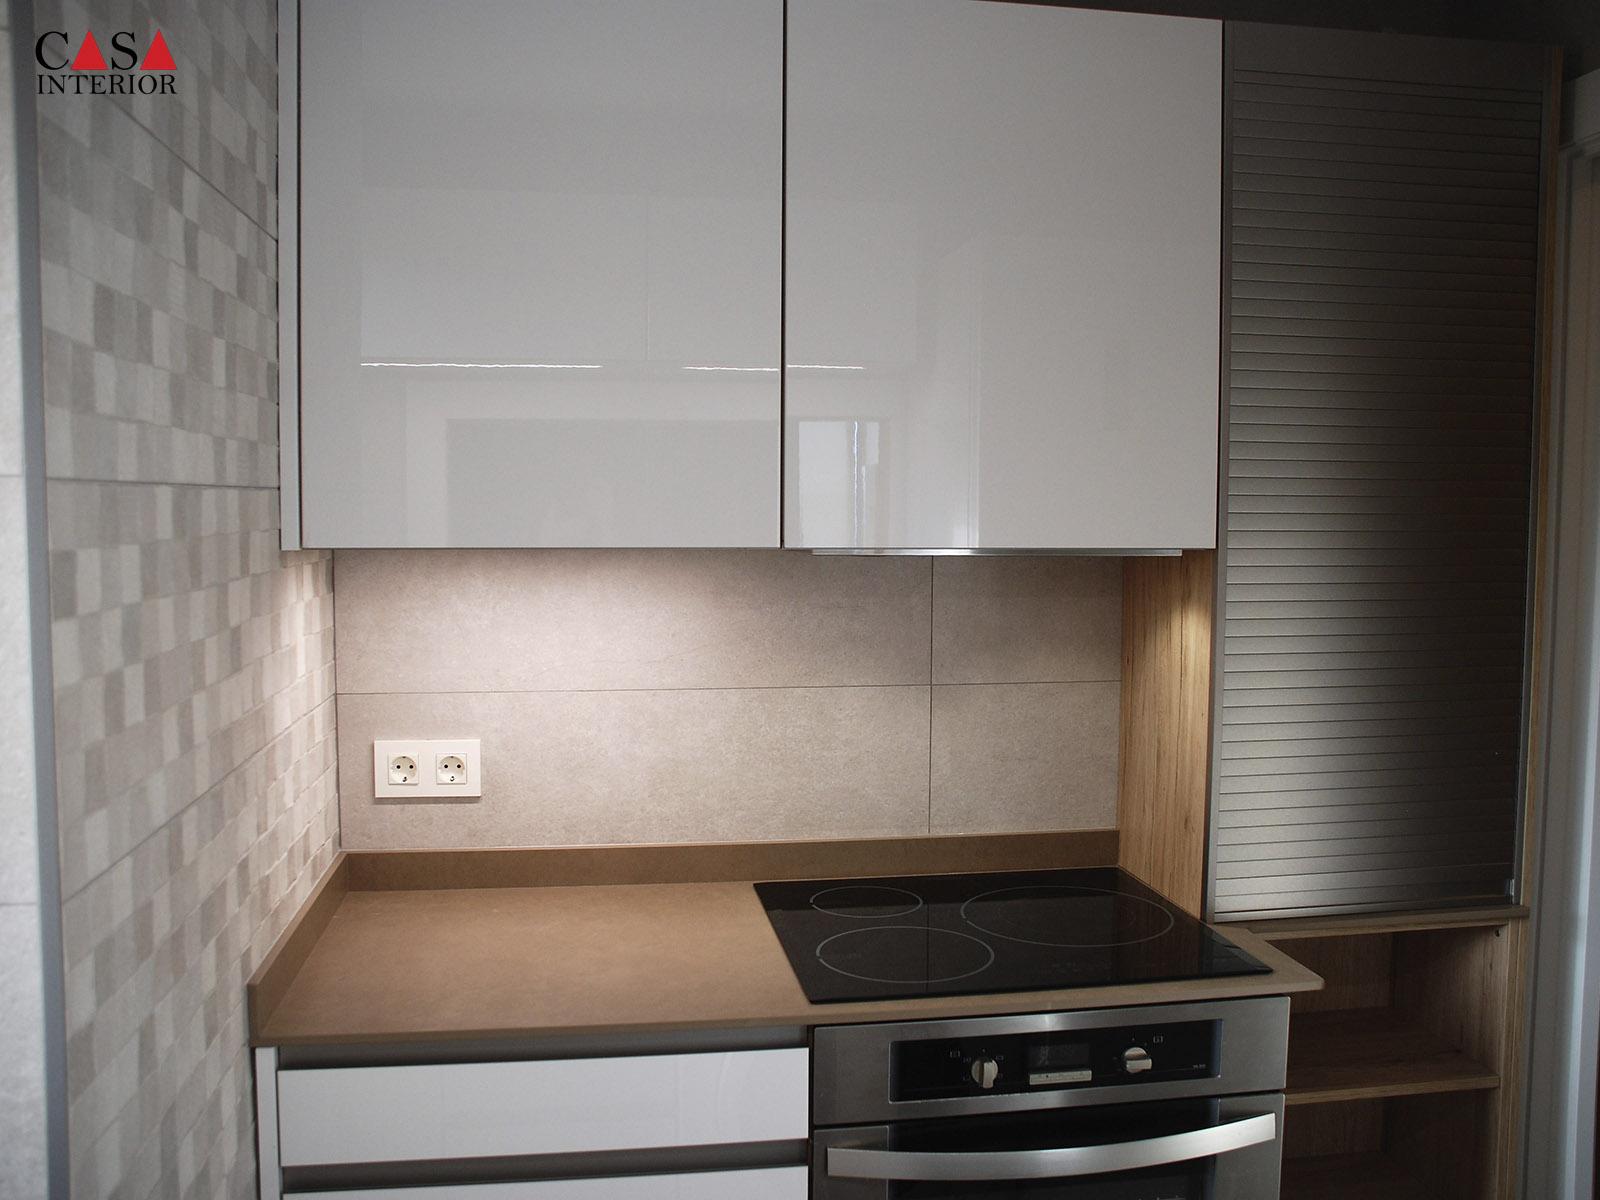 Küchentime Flash Alpine White Gloss in Benidorm